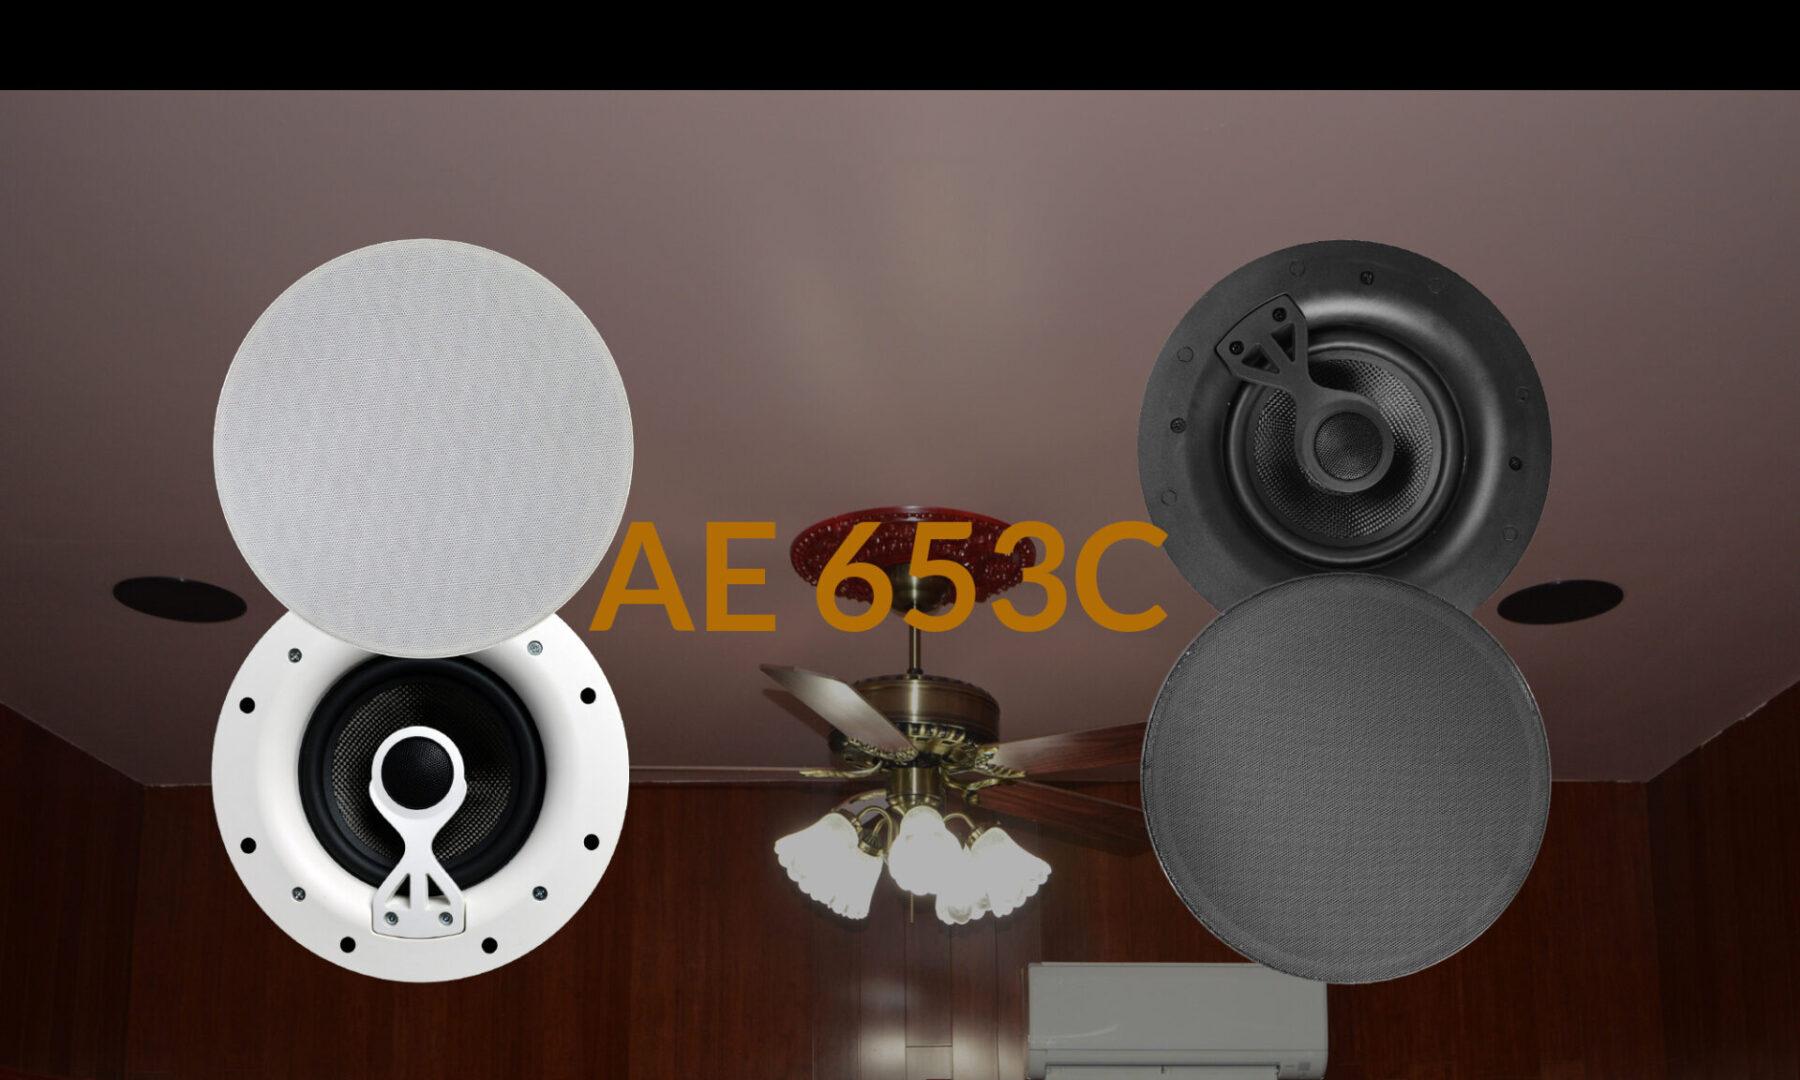 AE_653C_Full_size_Header